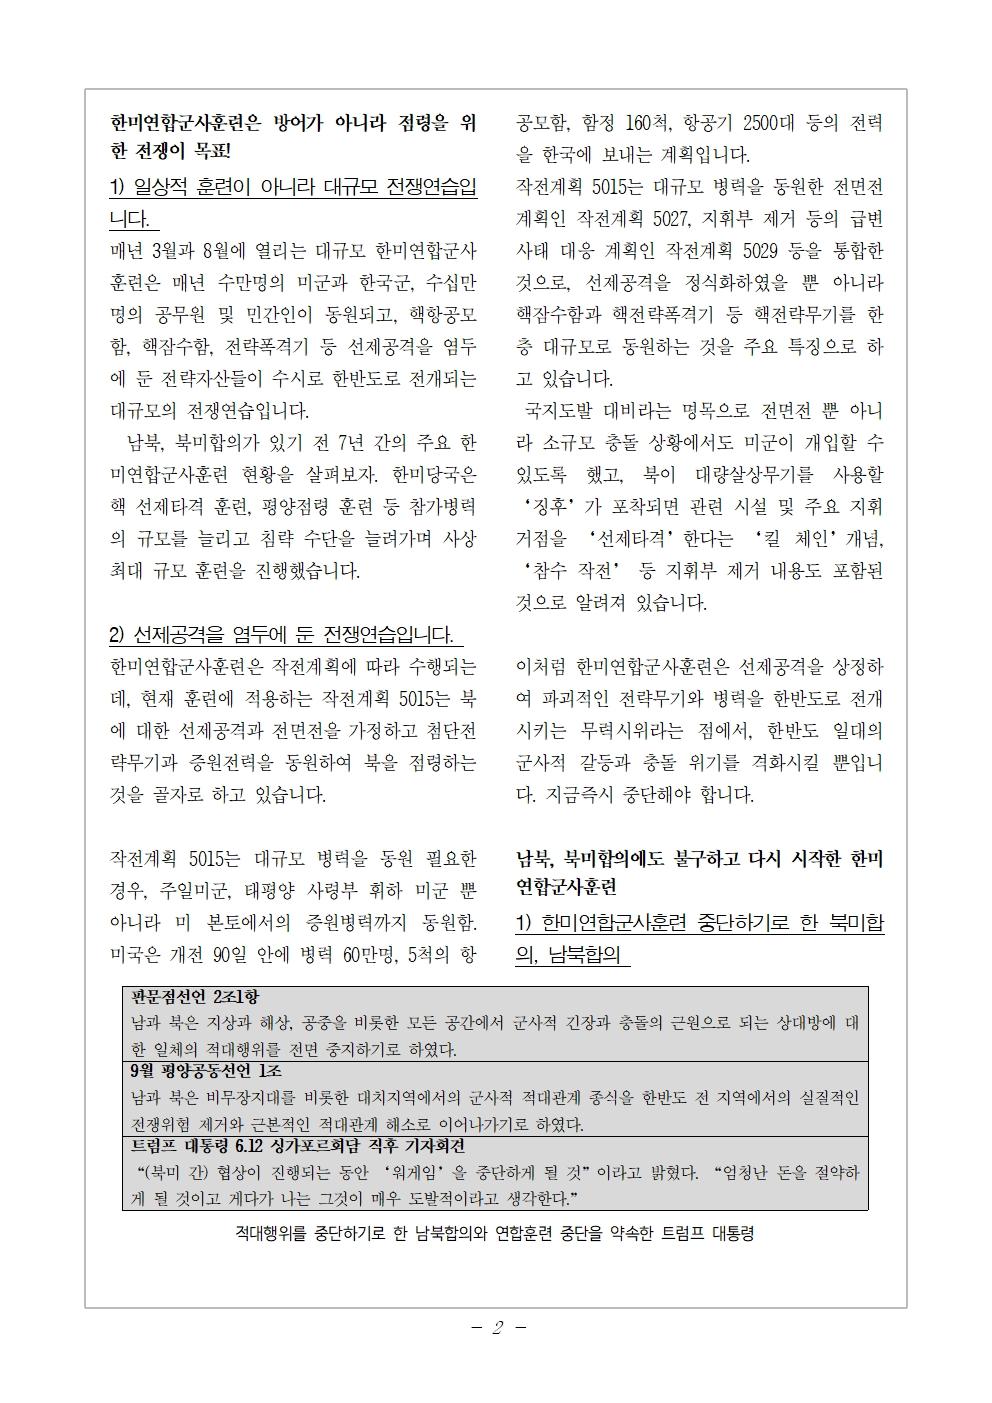 200208_교육지_한미연합군사훈련중단001002.jpg